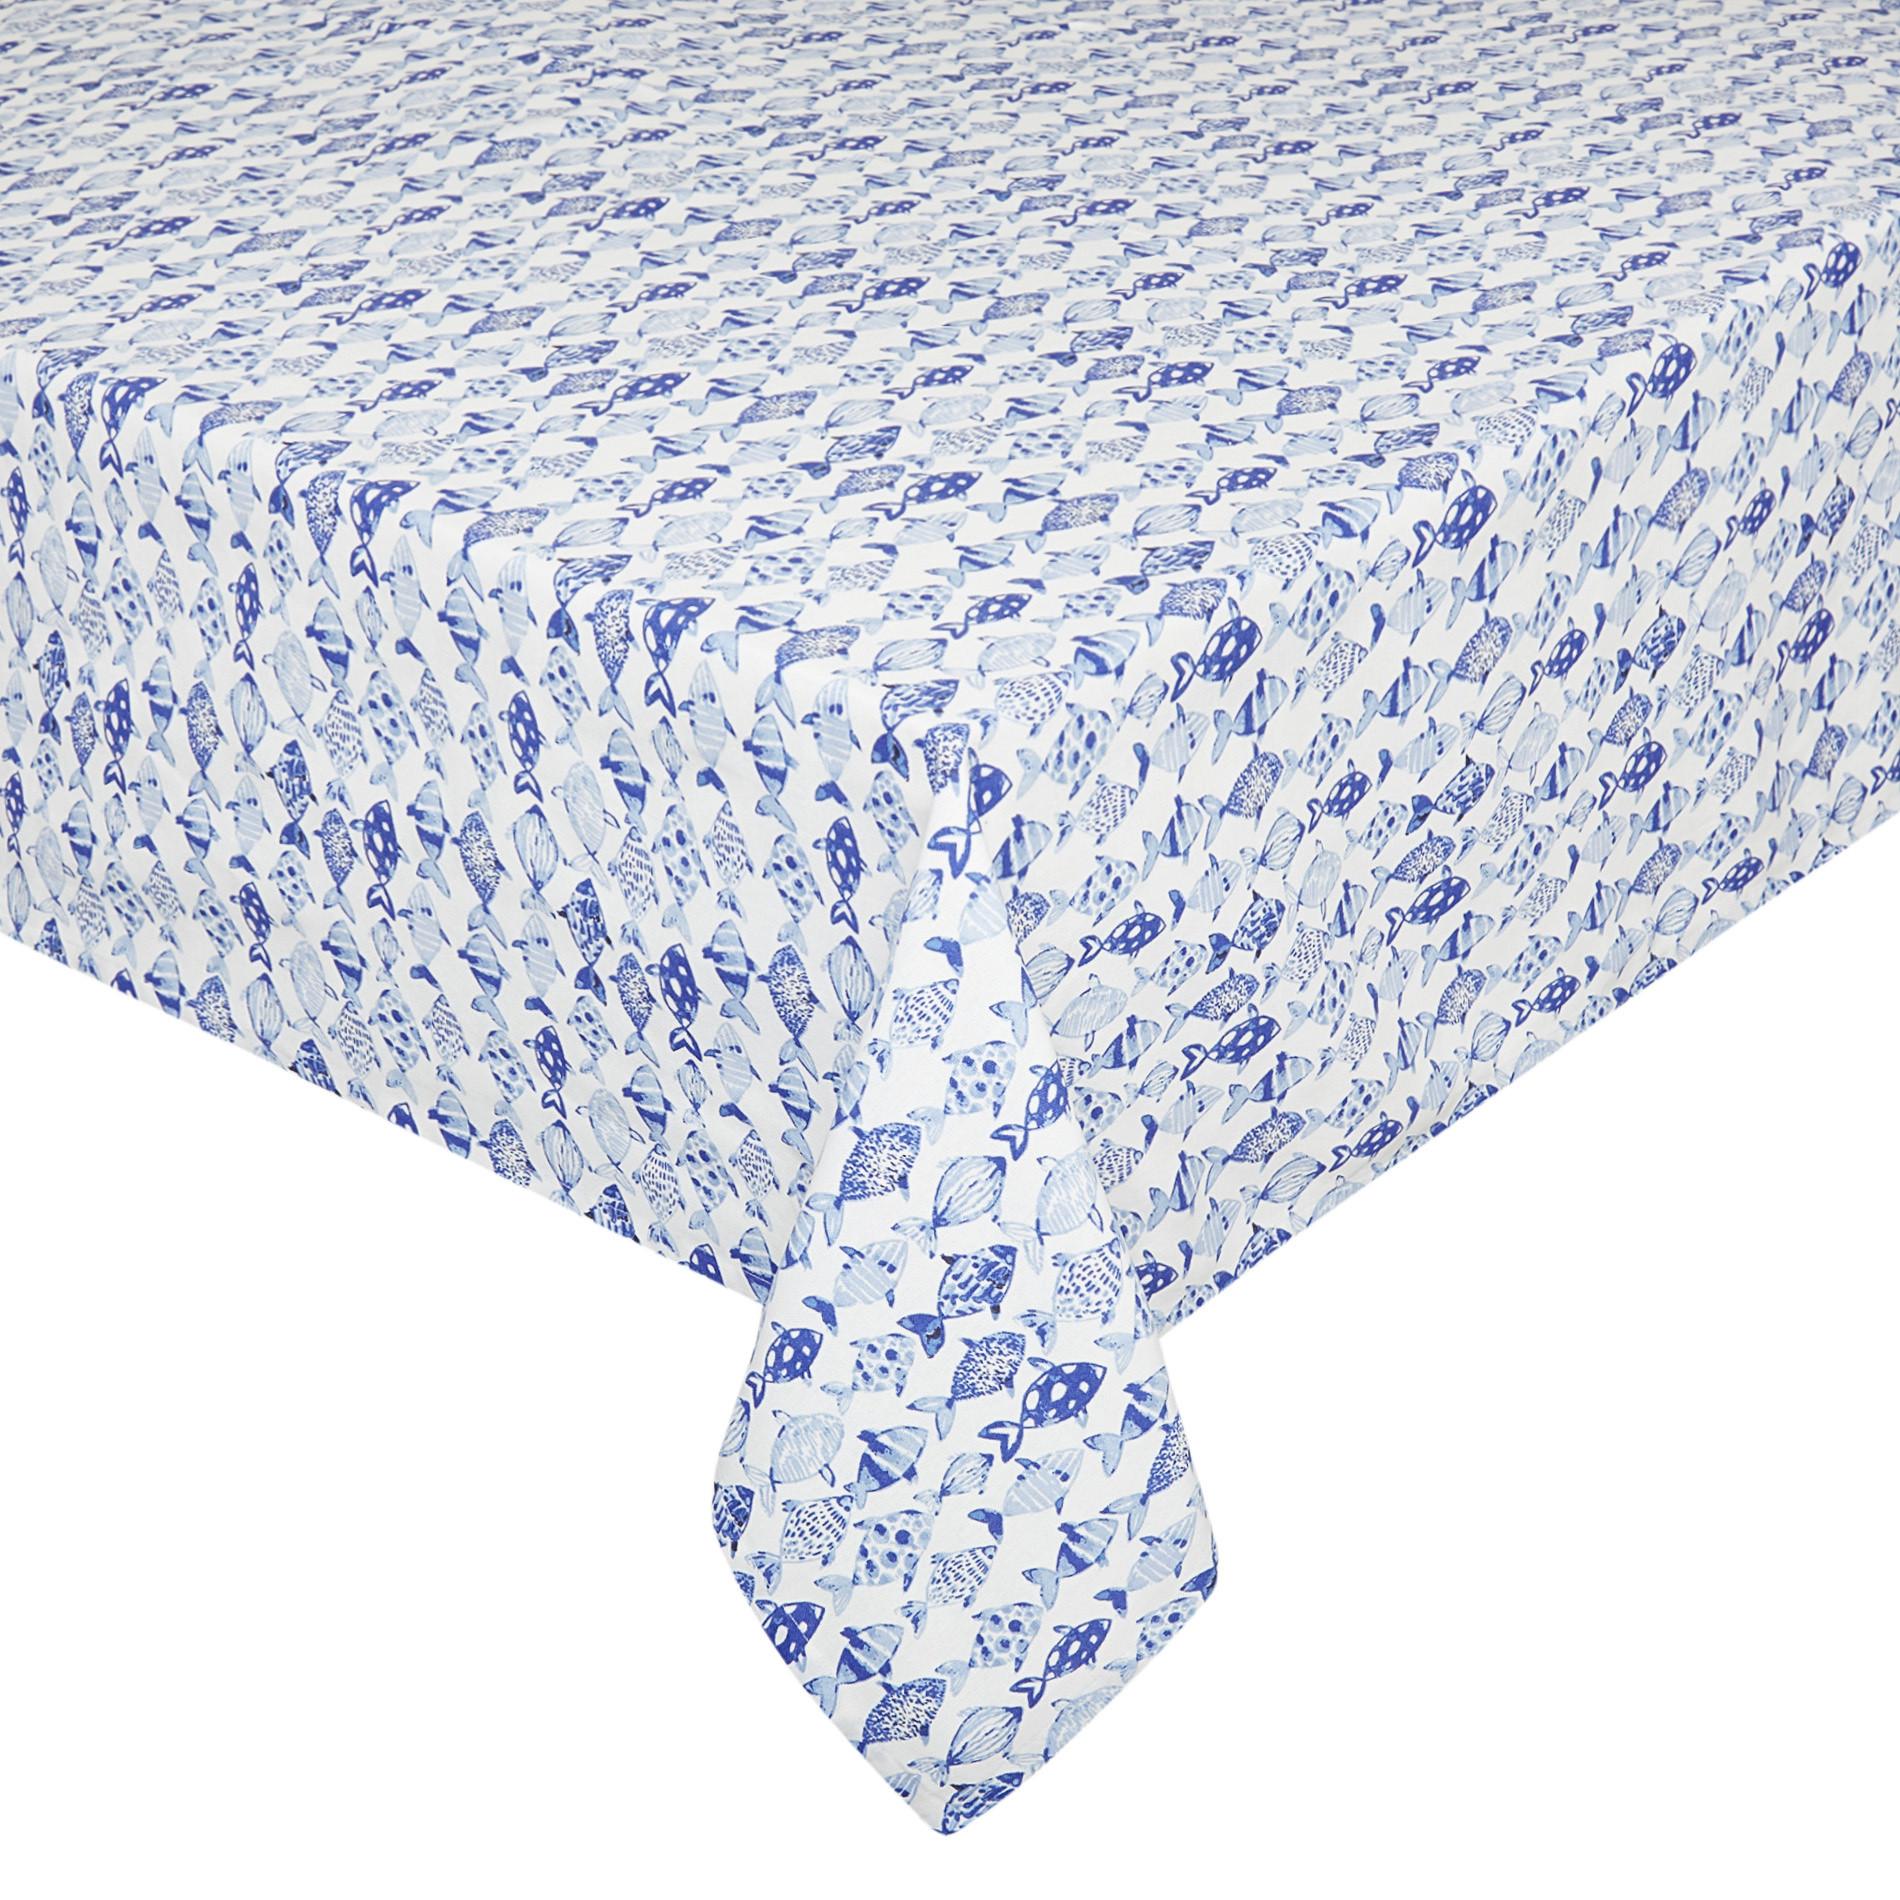 Tovaglia puro cotone idrorepellente stampa pesci, Azzurro, large image number 0